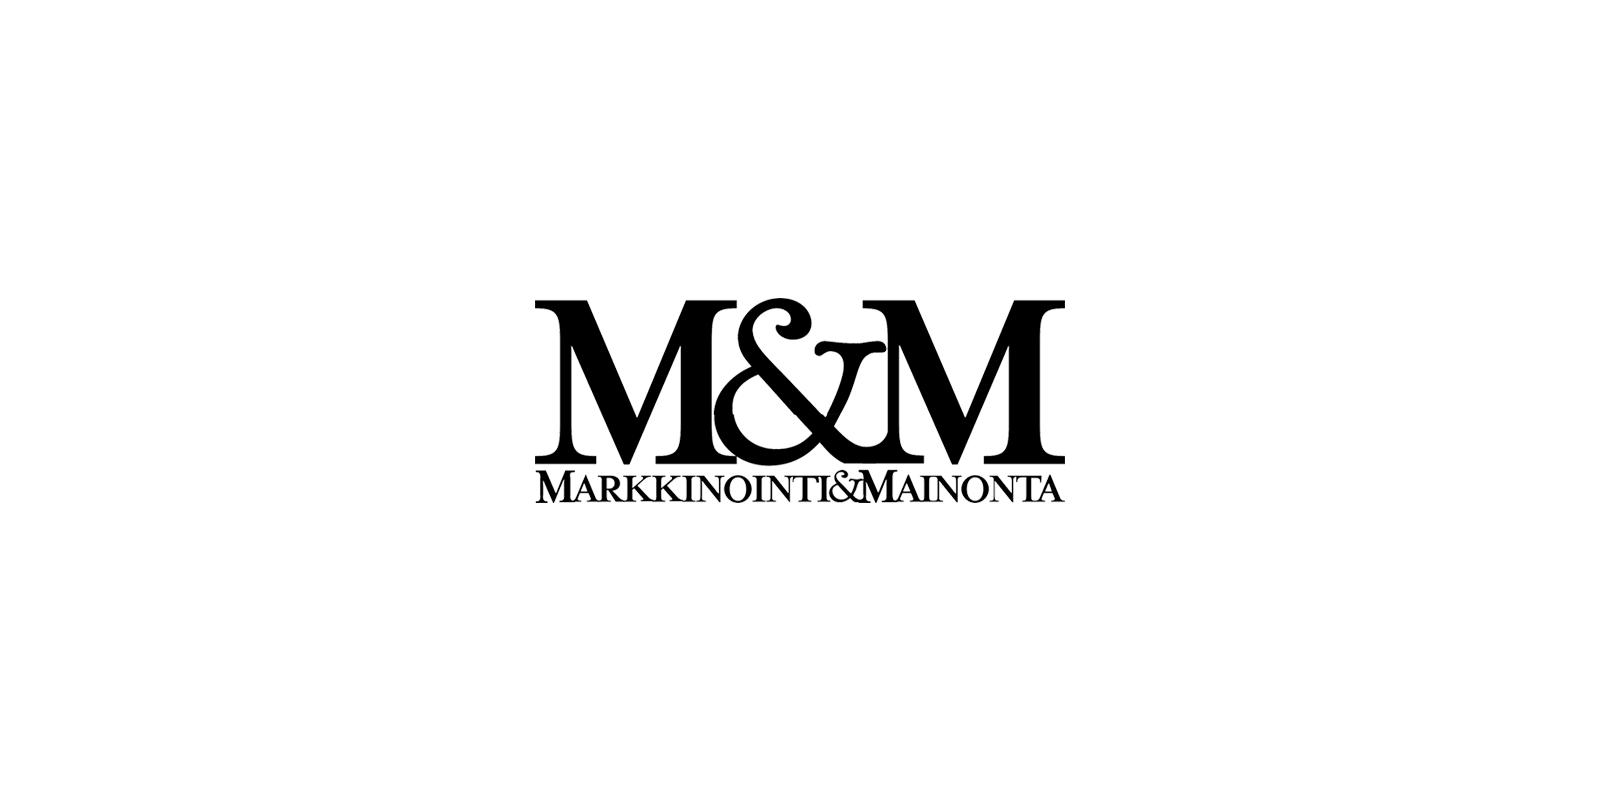 Markkinointi & Mainonta